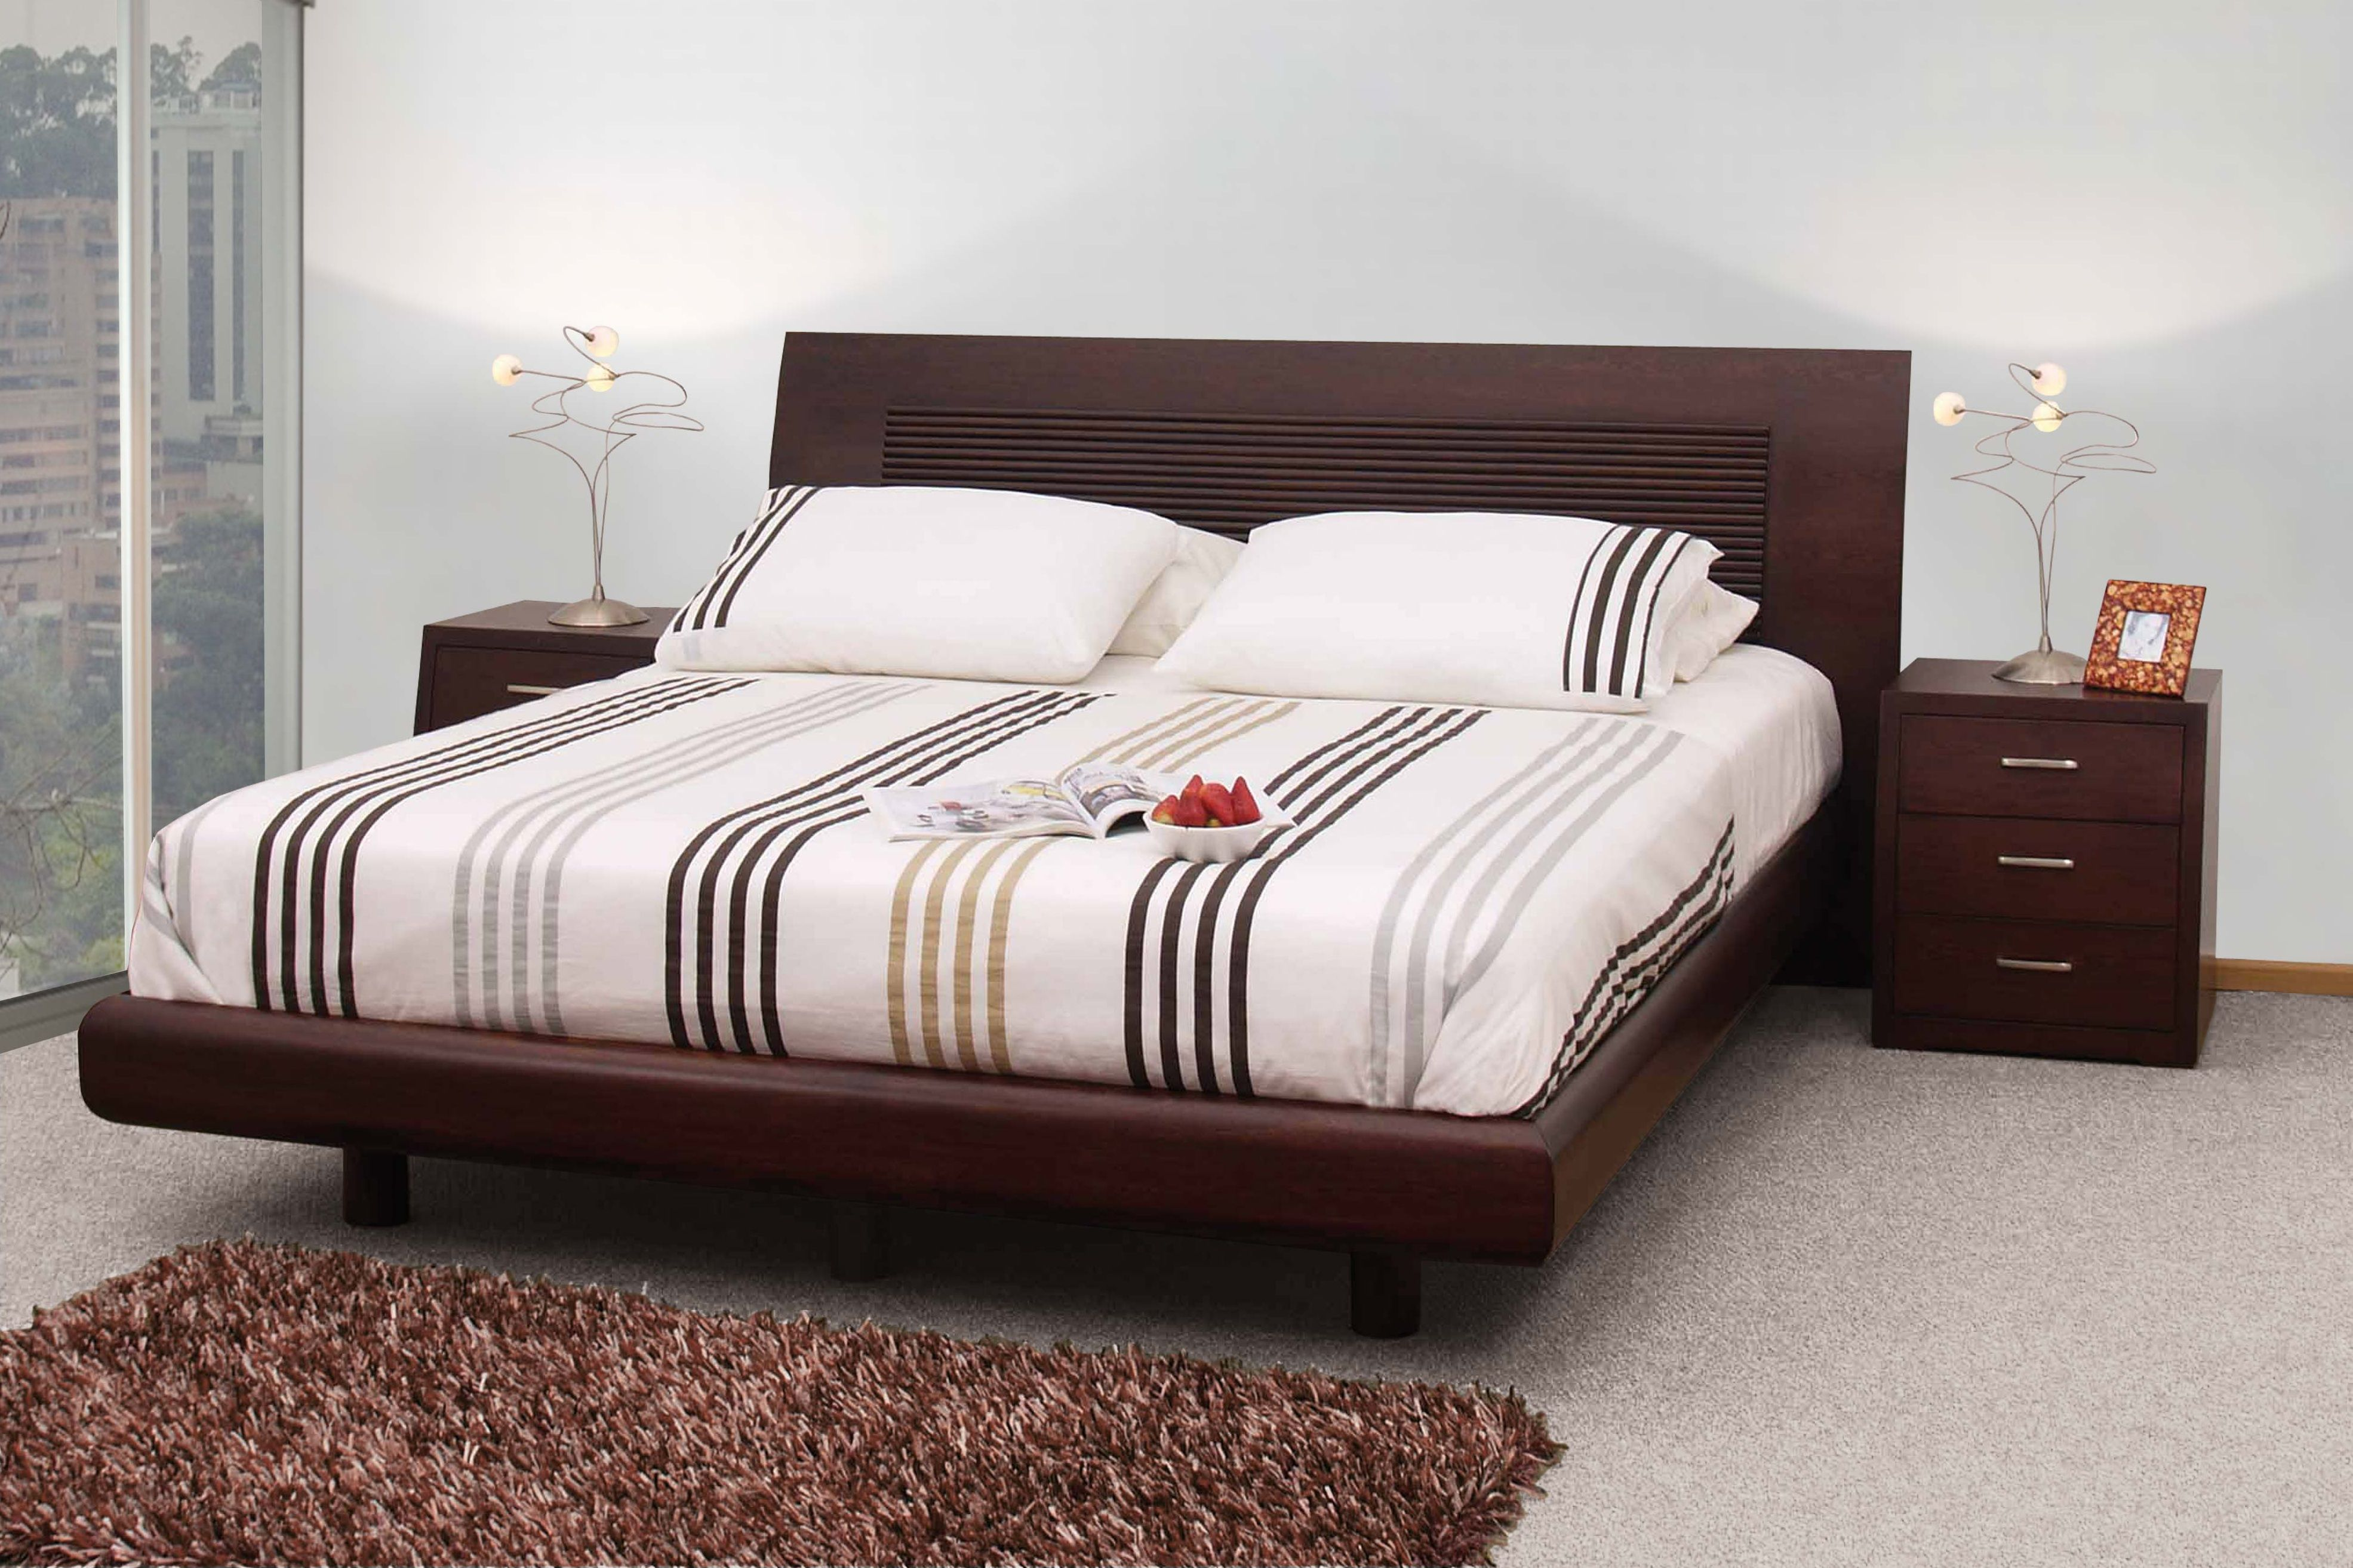 Habitaciones sofisticadas que reflejan tu estilo. La Cama New Canada ...